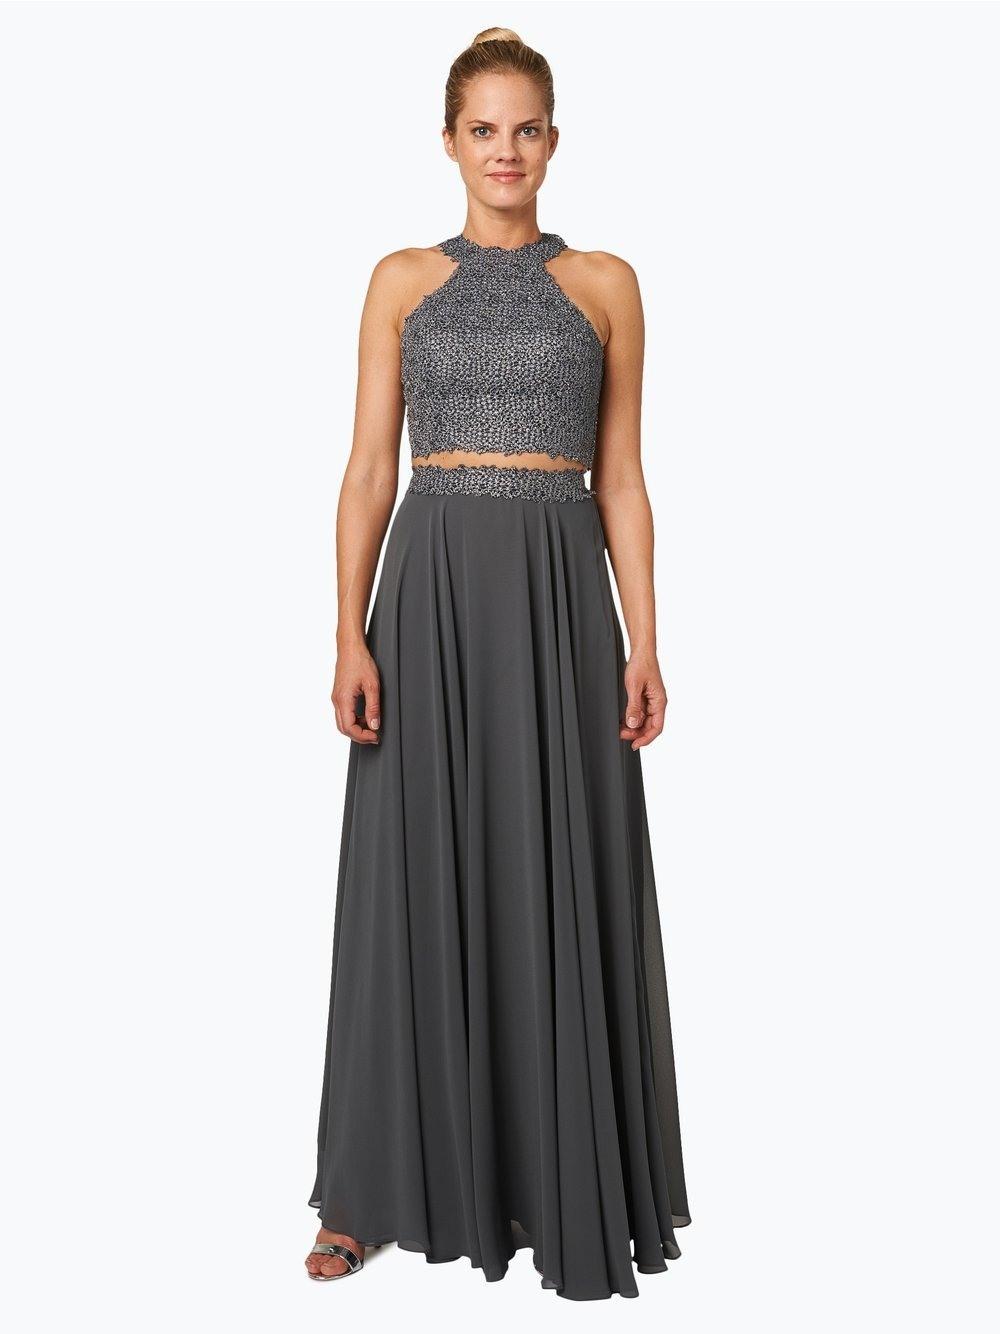 Abend Wunderbar Langes Abendkleid Kreuzworträtsel DesignAbend Luxurius Langes Abendkleid Kreuzworträtsel Boutique